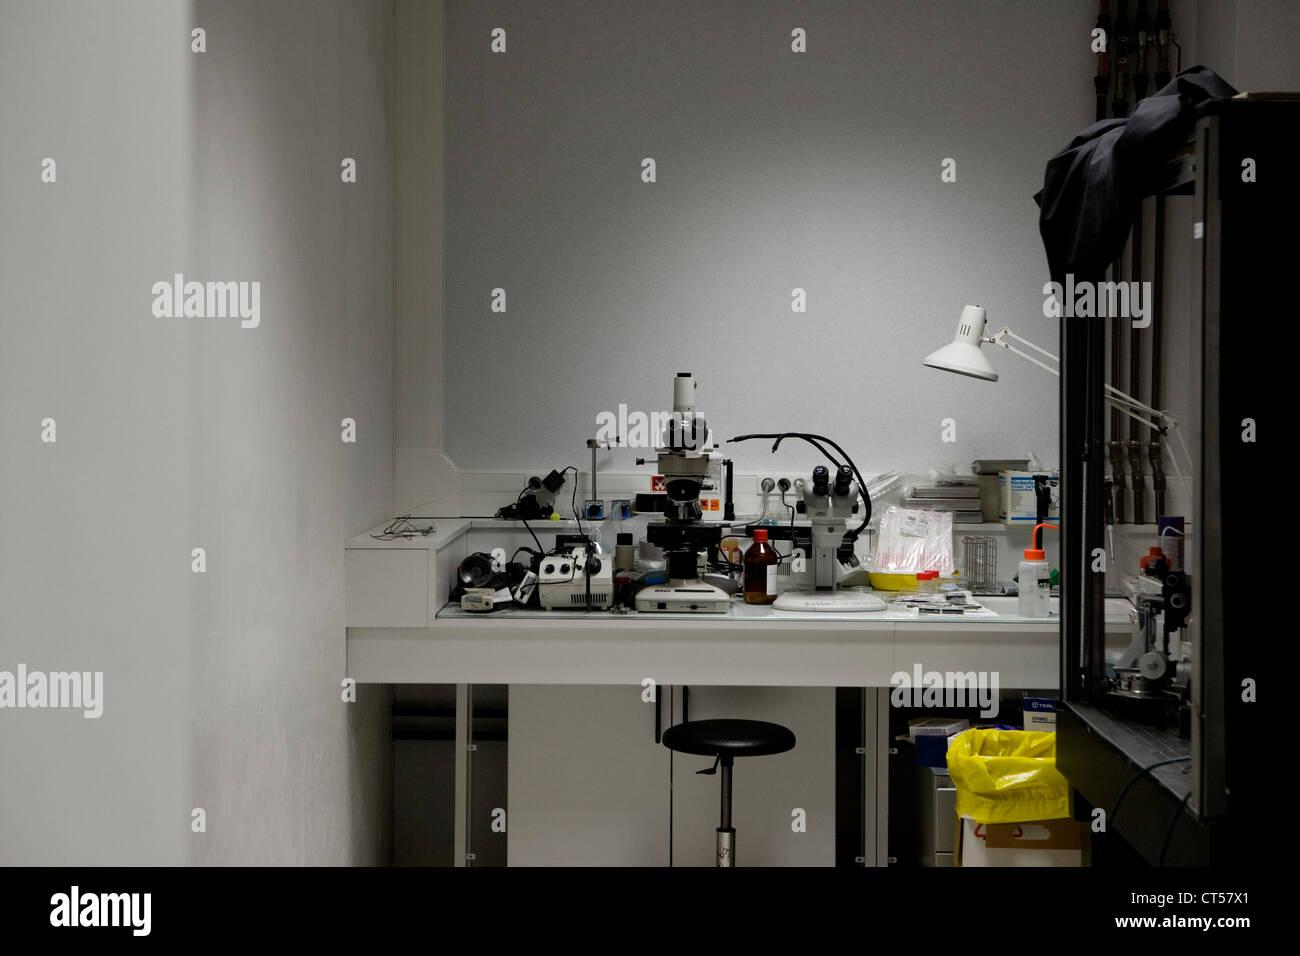 Laboratorio de Biología Imagen De Stock